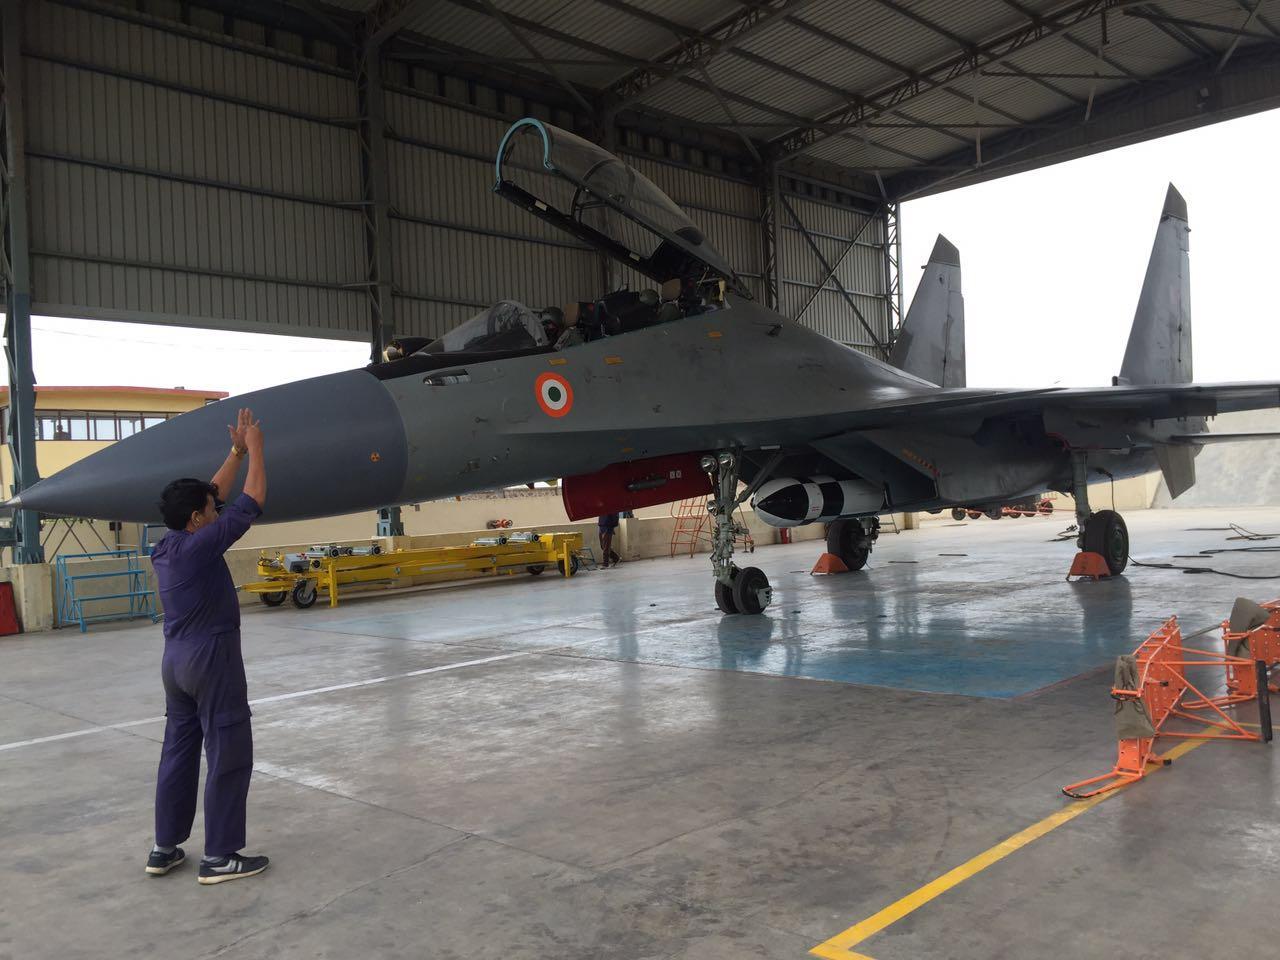 Истребитель Су-30МКИ ВВС Индии перед демонстрационным полетом с авиационным вариантом сверхзвуковой ракеты BrahMos. Насик, 25.06.2016.